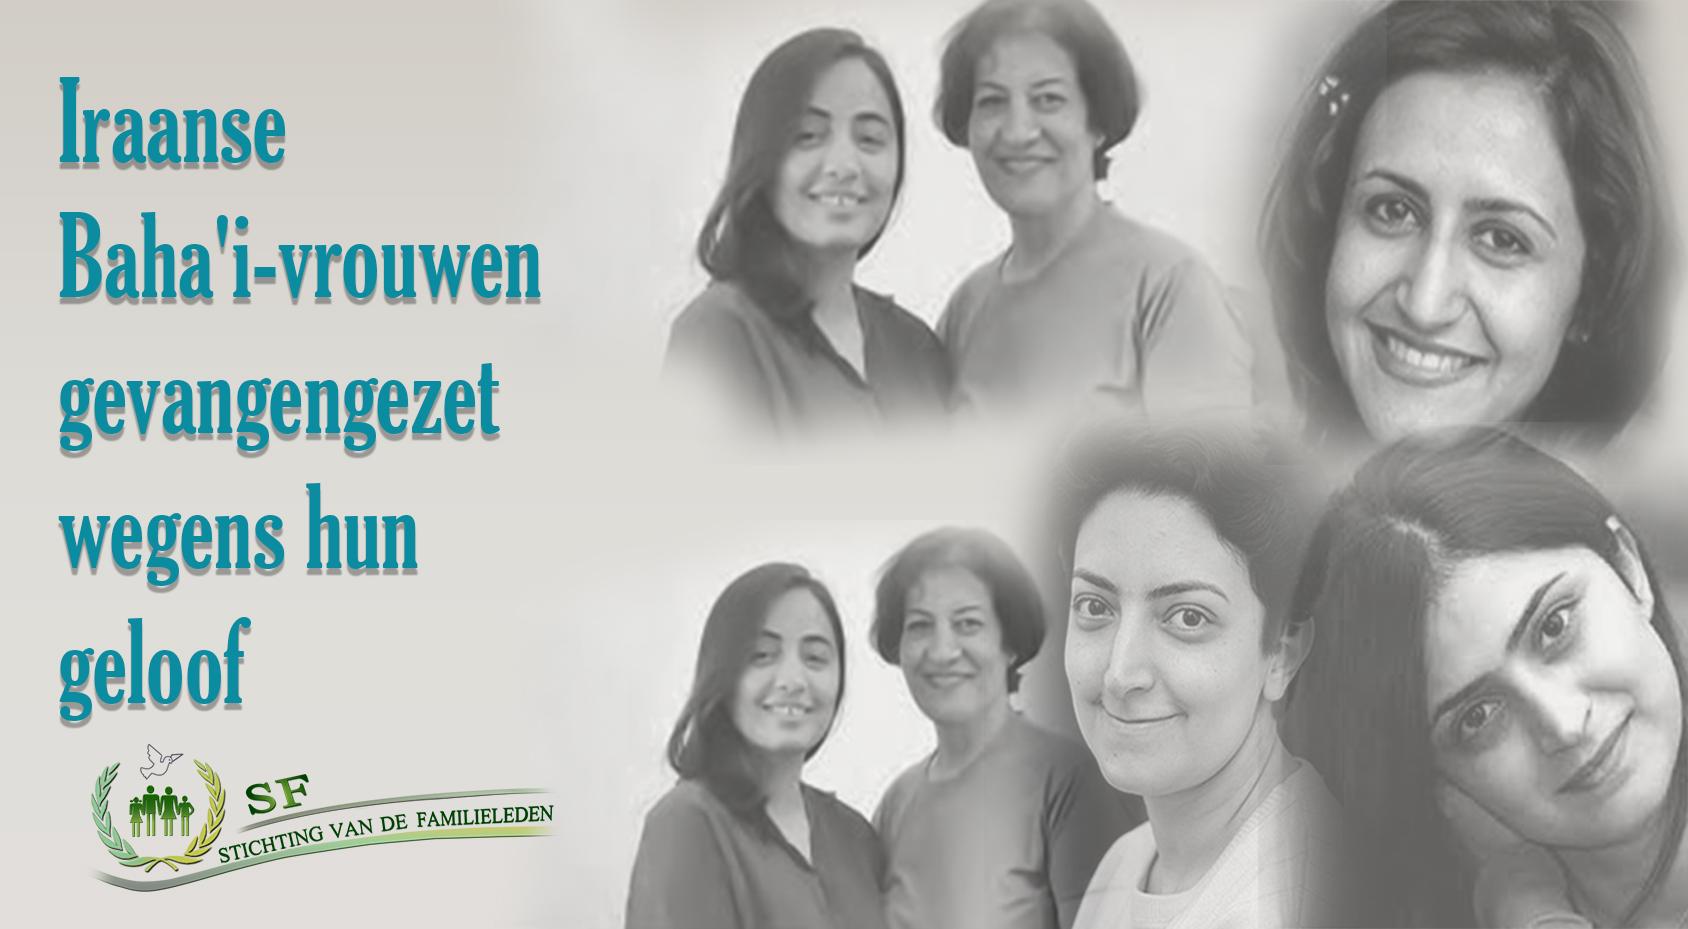 4 Bahai's in Iran, Stichting van de familieleden